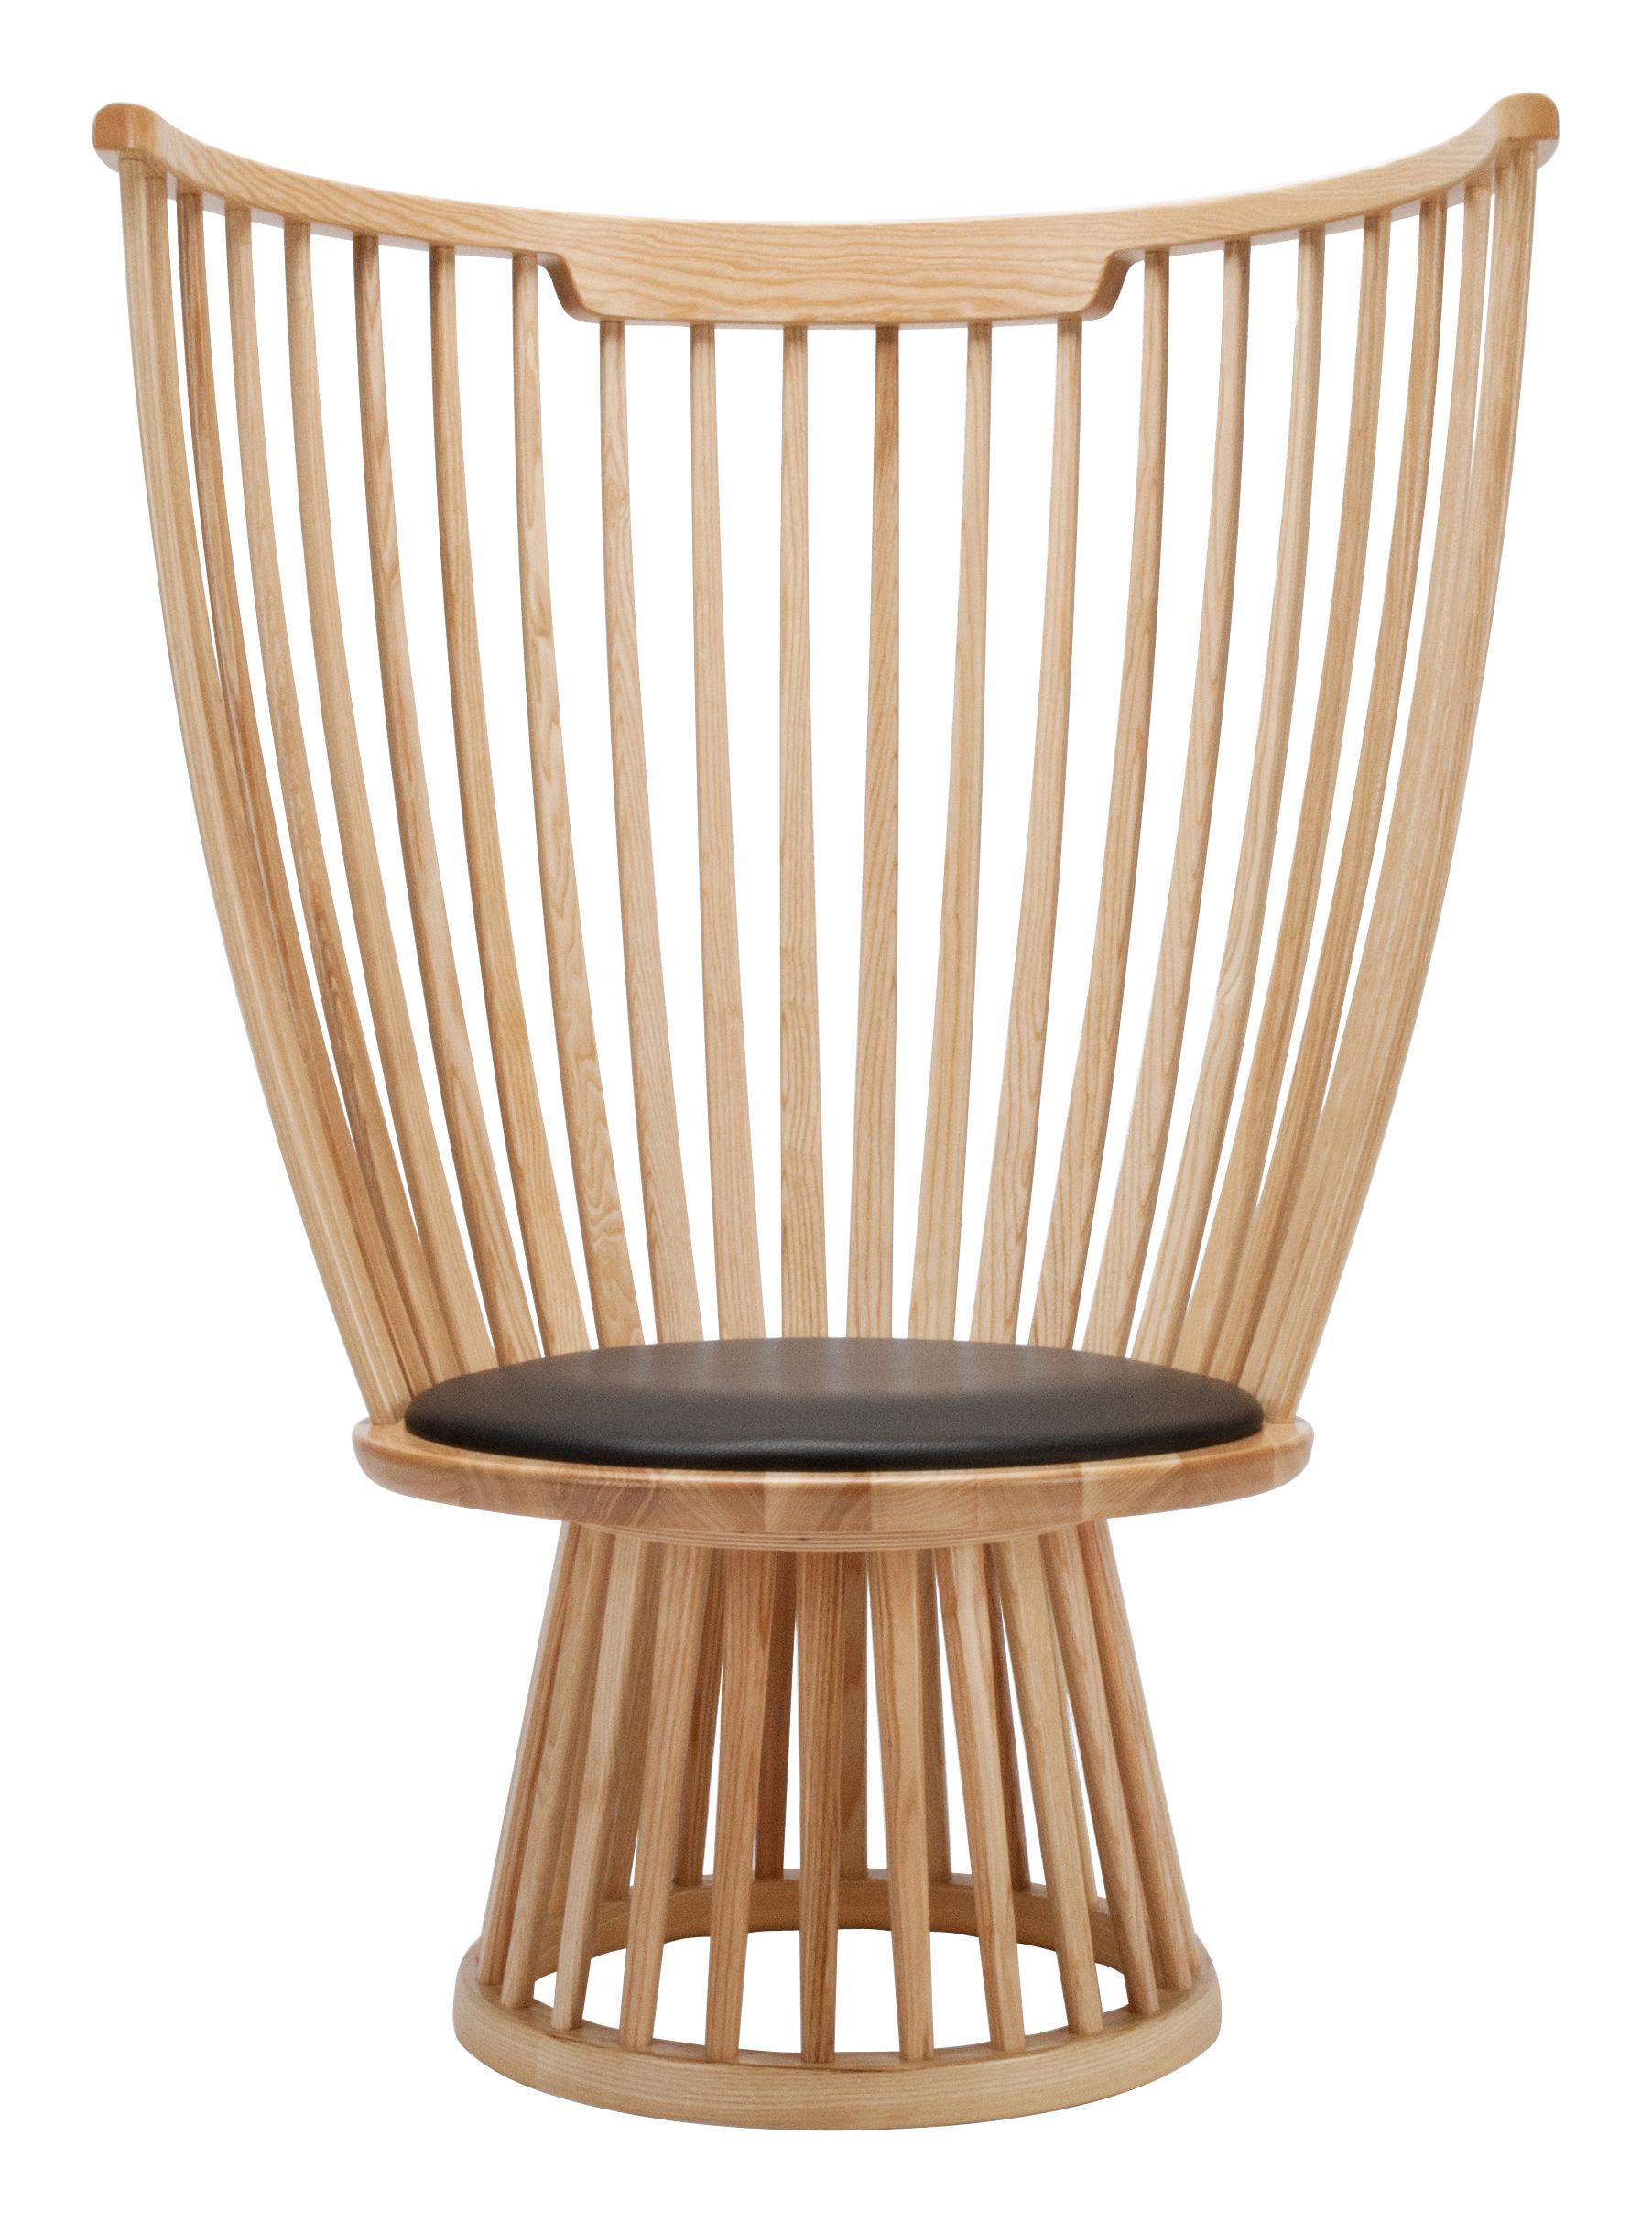 Mobilier - Chaises, fauteuils de salle à manger - Fauteuil Fan chair / H 112 cm - Bois & cuir - Tom Dixon - Bois naturel / Assise noire - Cuir, Frêne massif